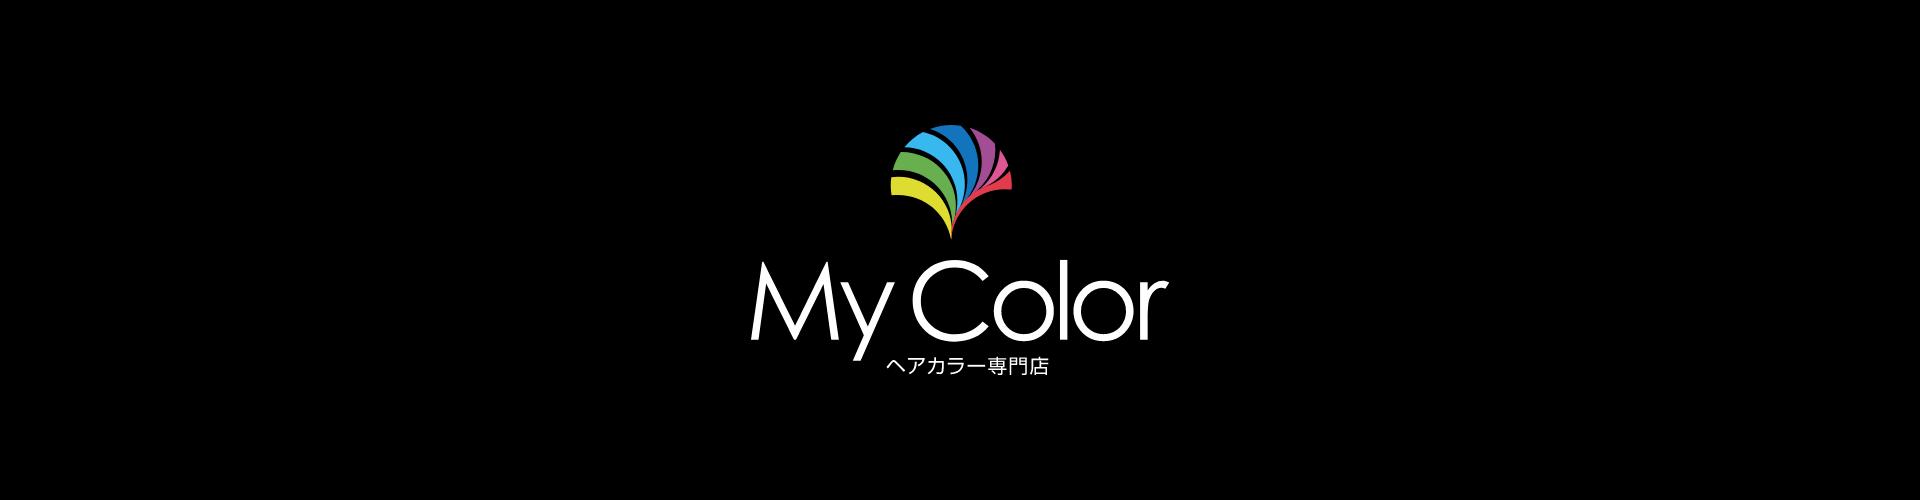 My Colorカテゴリーページ